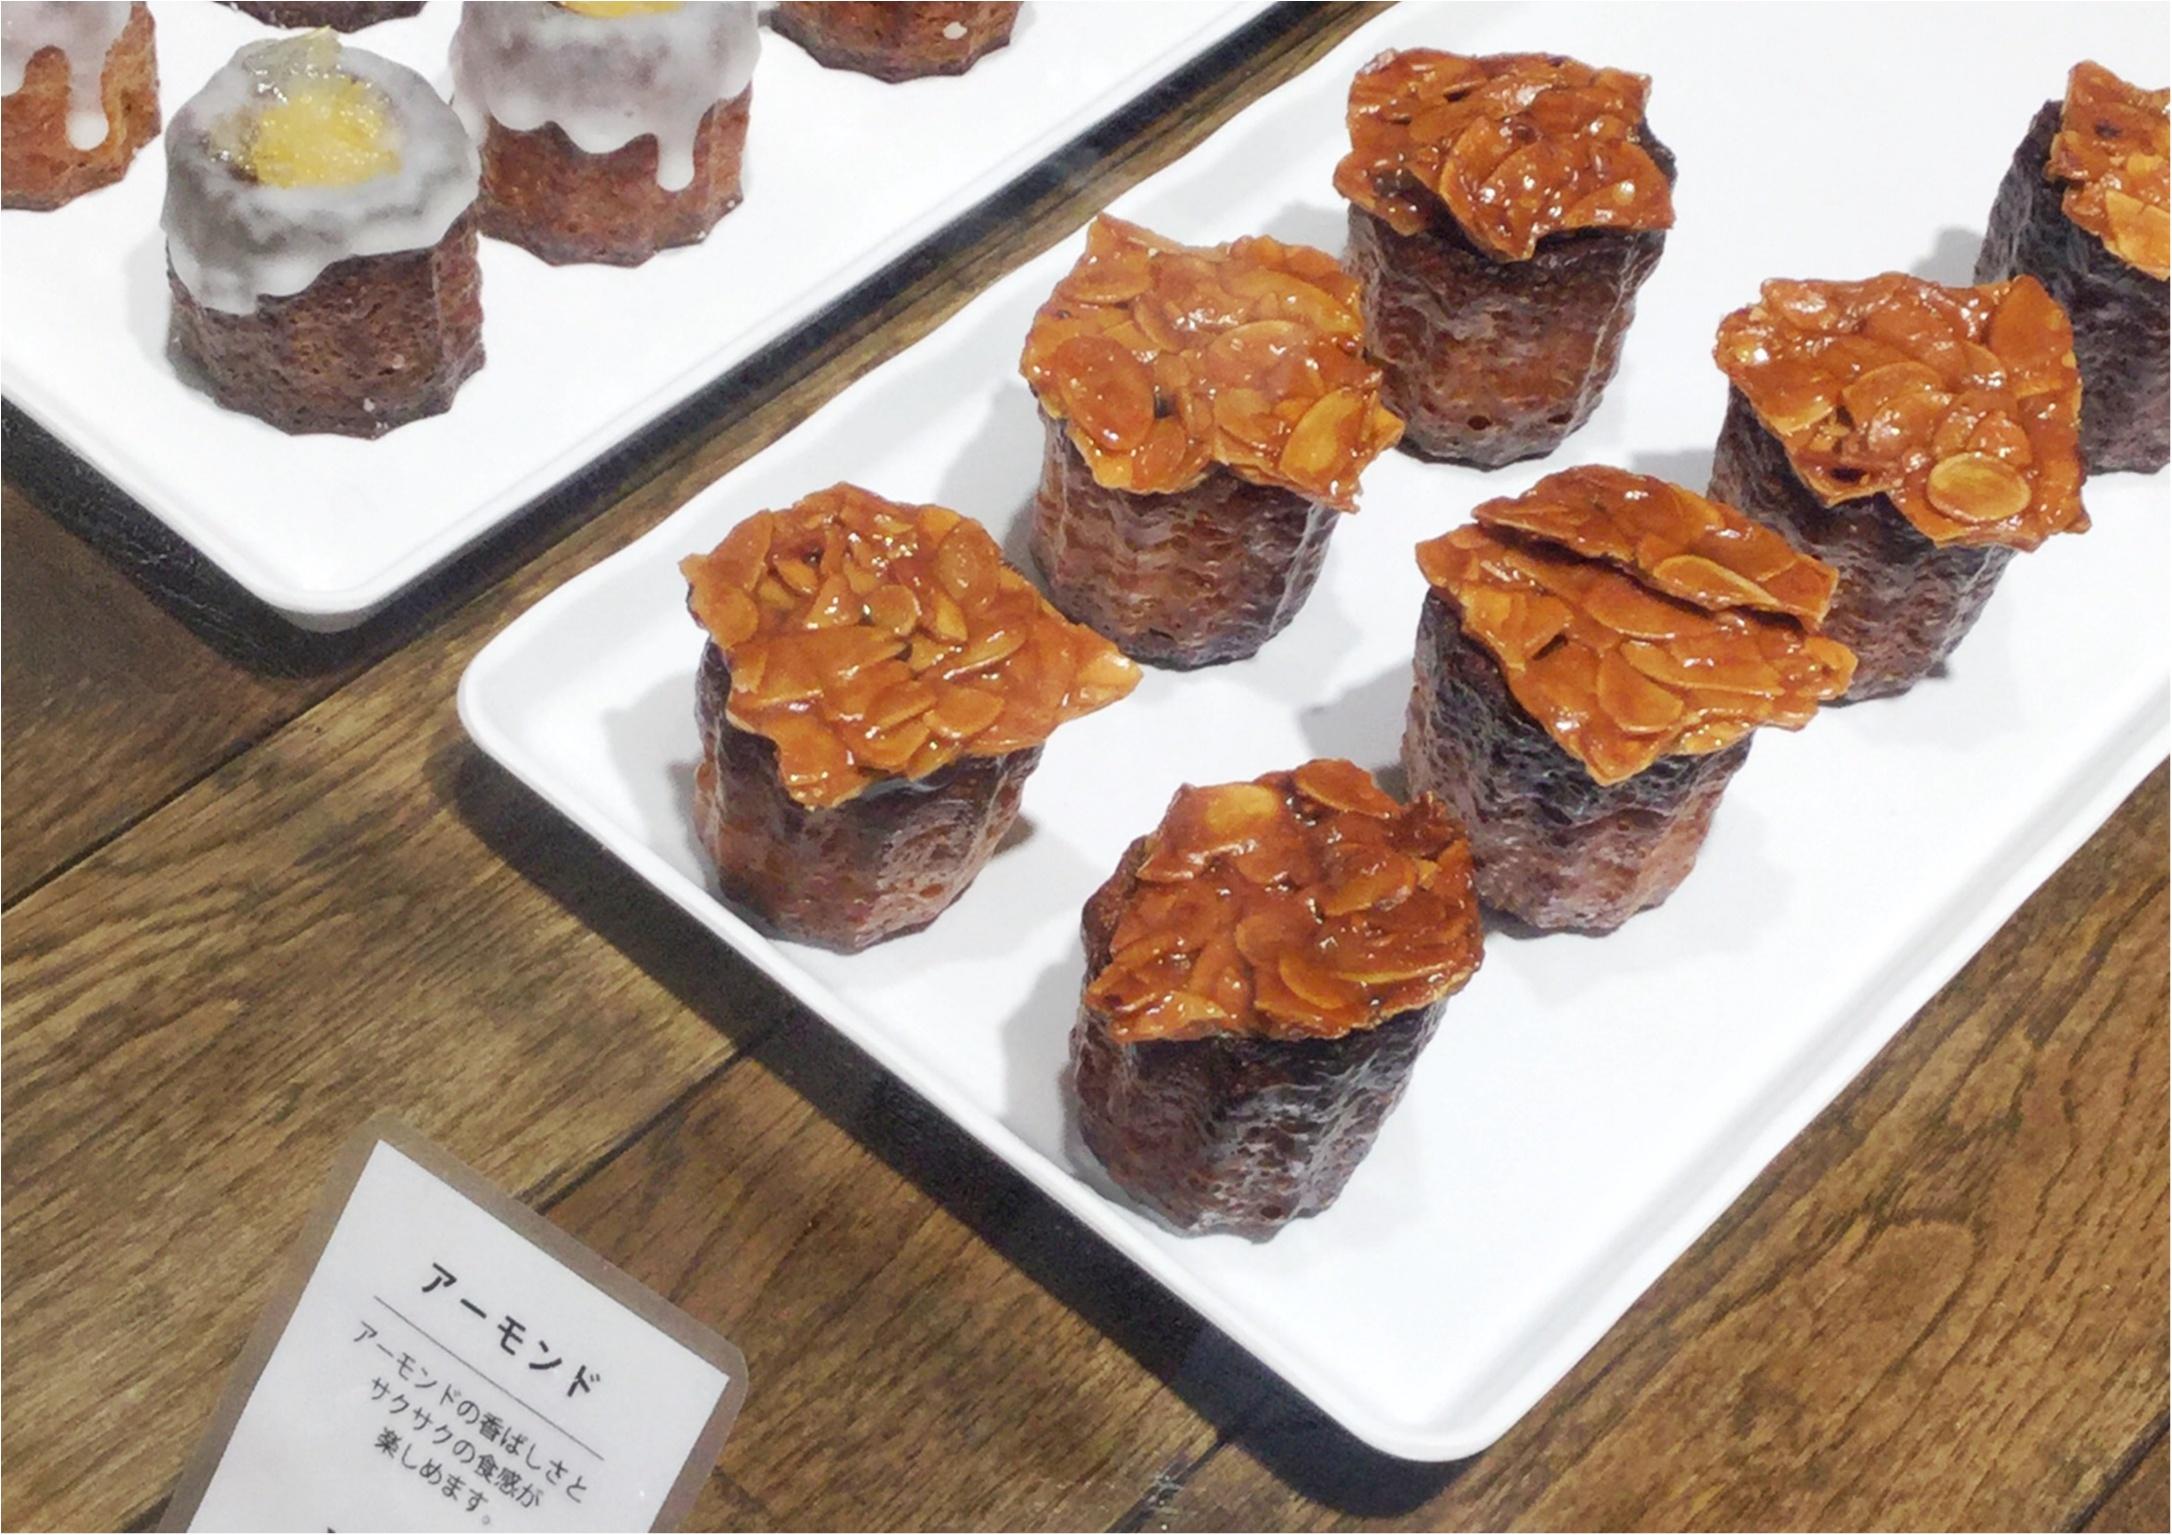 広島のおしゃれなお土産特集《2019年》- 人気の定番土産から話題のチョコ、スタバの限定タンブラーも!_39